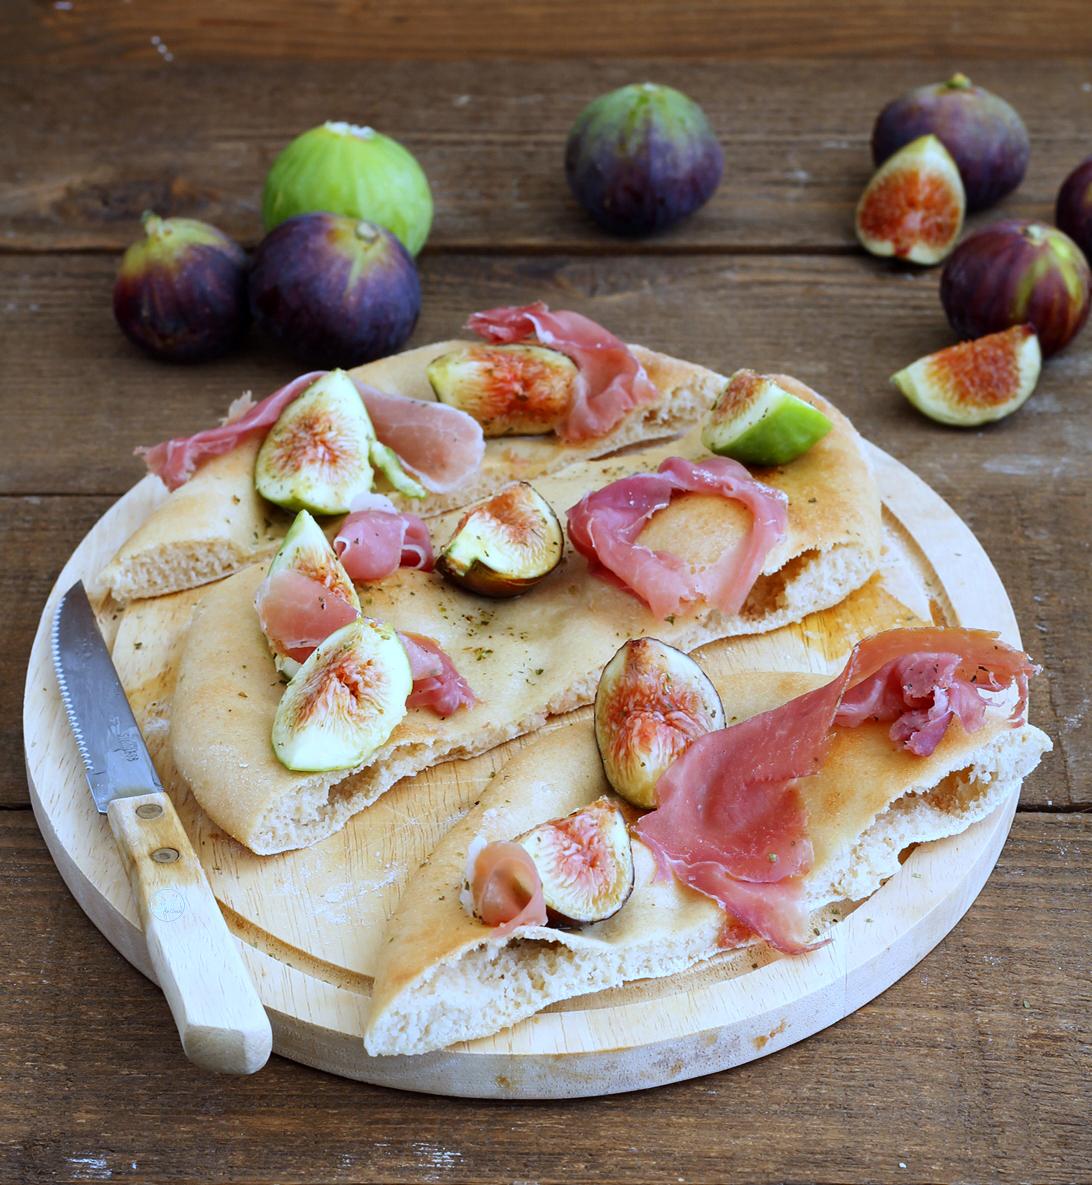 Pizza sans gluten avec figues et jambon cru - La Cassata Celiaca